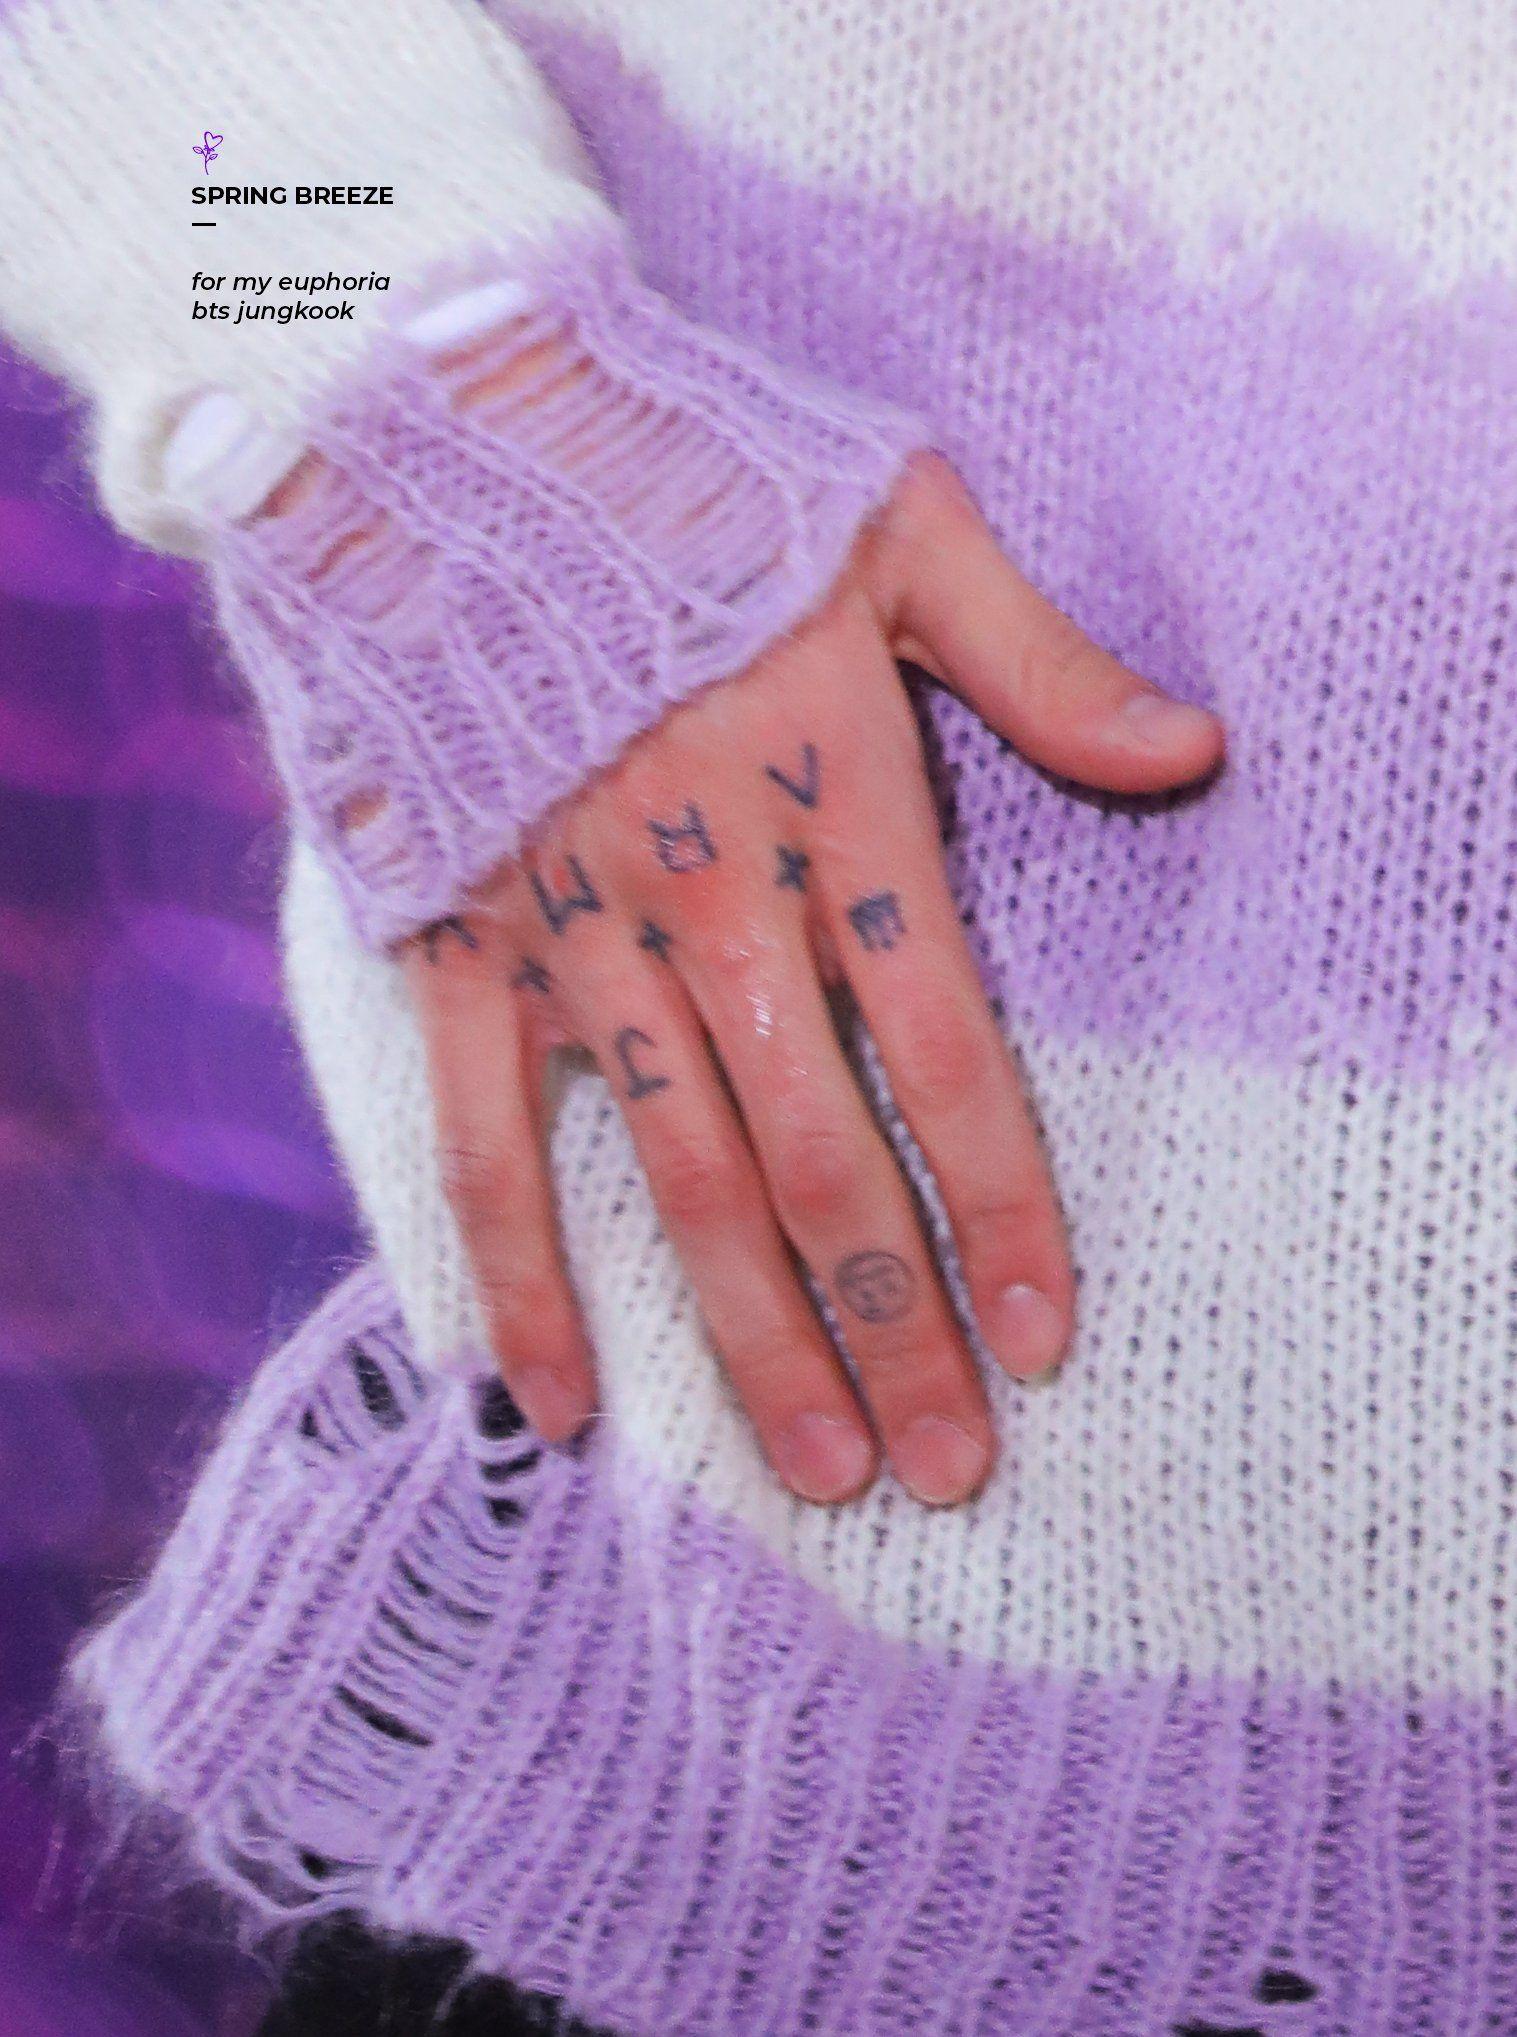 봄바람JK🌸 on in 2020 Bts tattoos, Bts, Tattoos